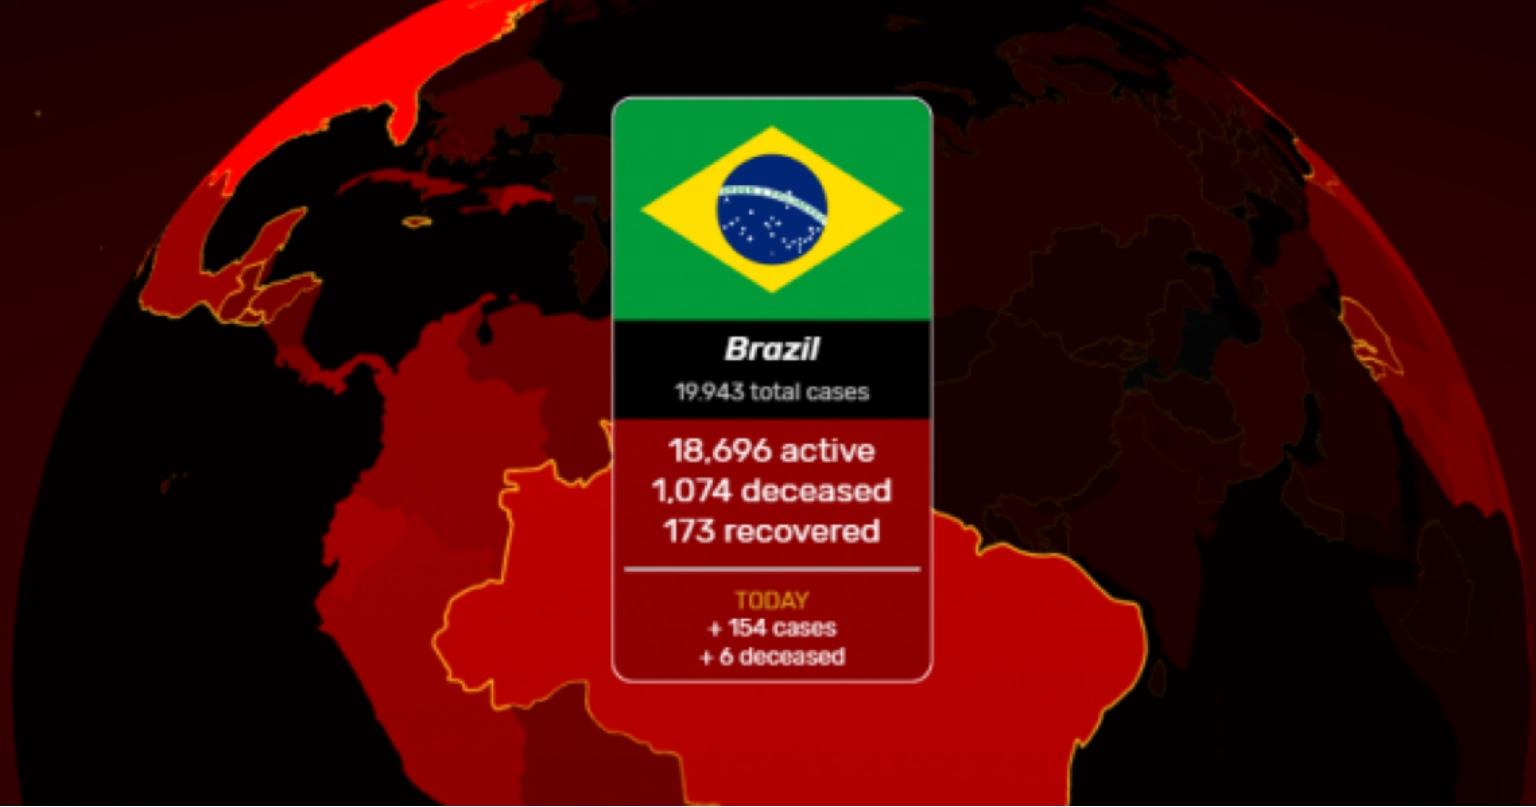 Conheça o site que atualiza todas as estatísticas de cada país sobre a pandemia da Covid-19